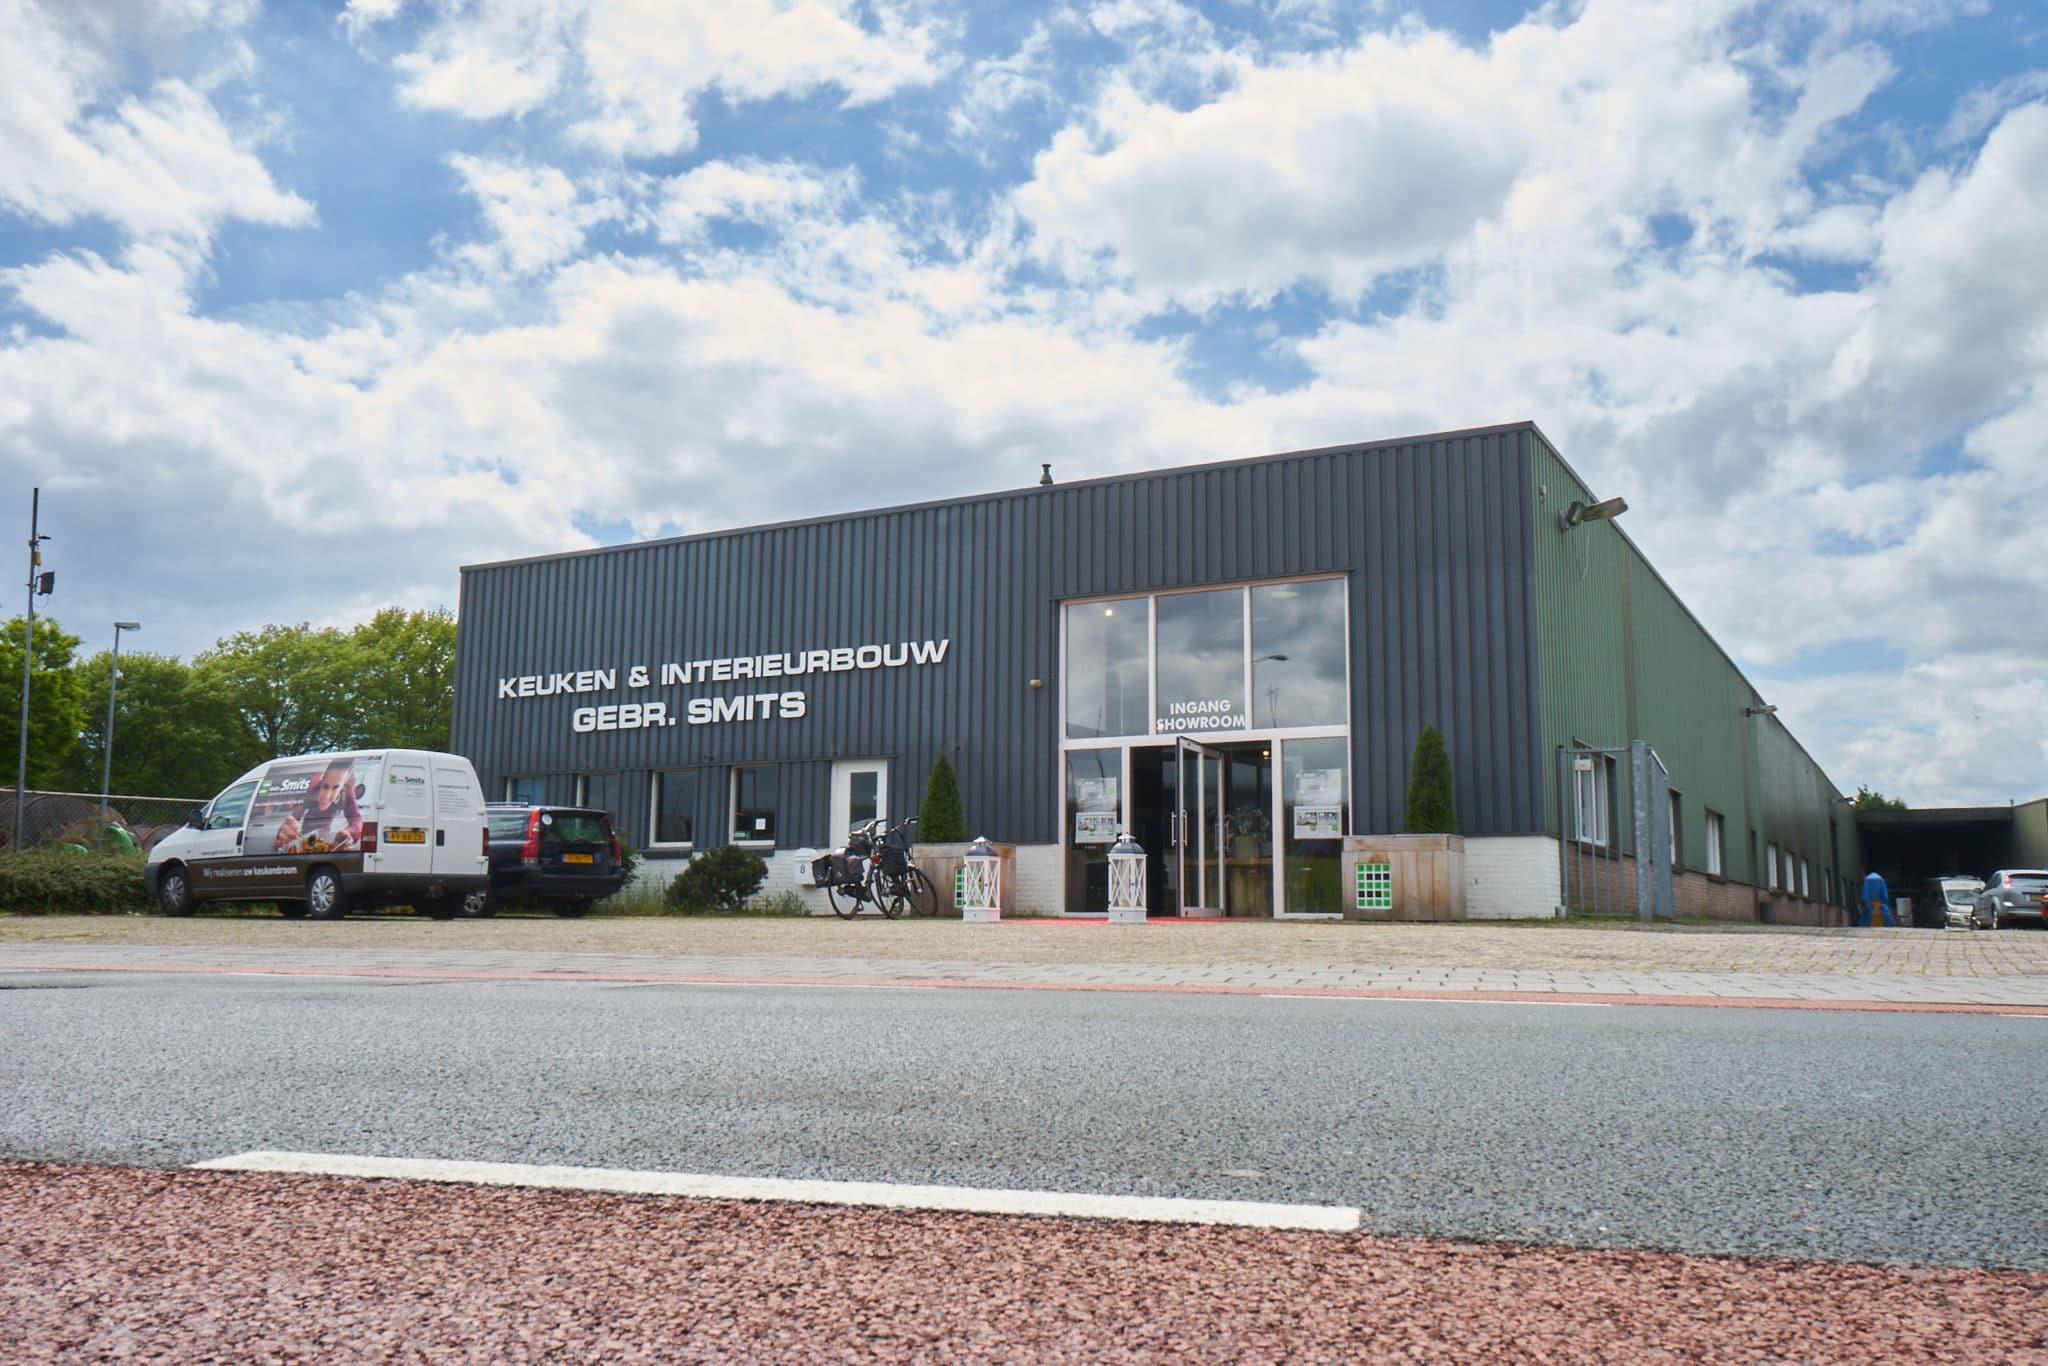 Gebr. Smits fabriek en winkel Veldhoven nabij Eindhoven